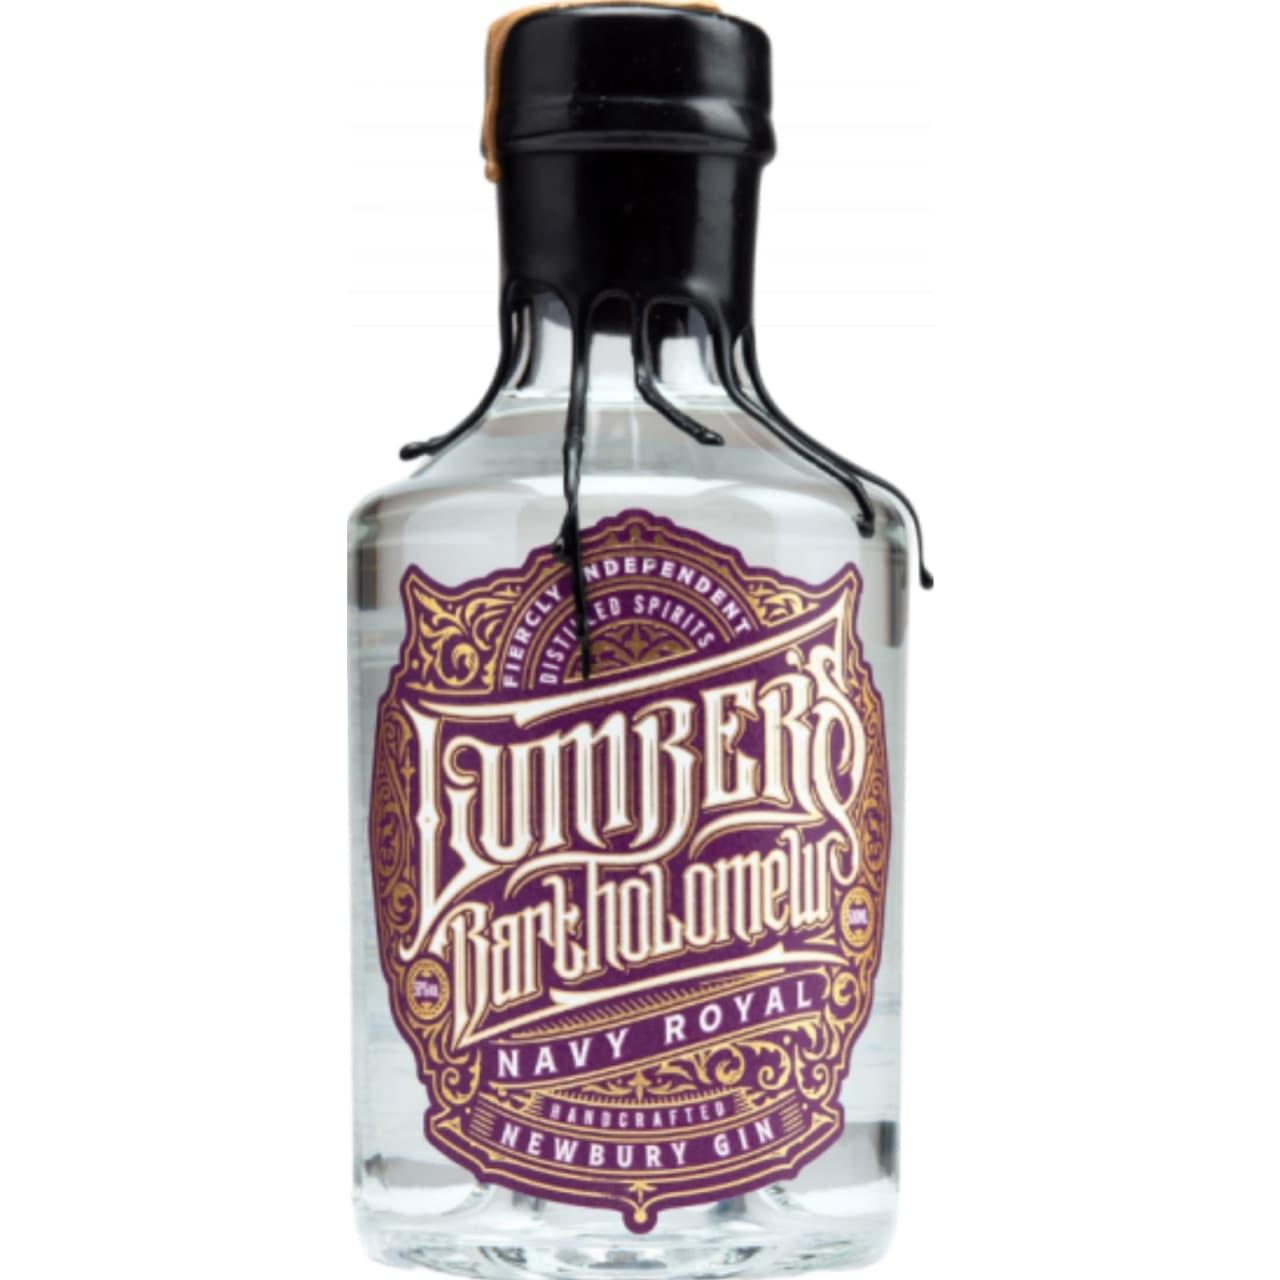 Product Image - Lumbers Bartholomew Navy Royal Gin